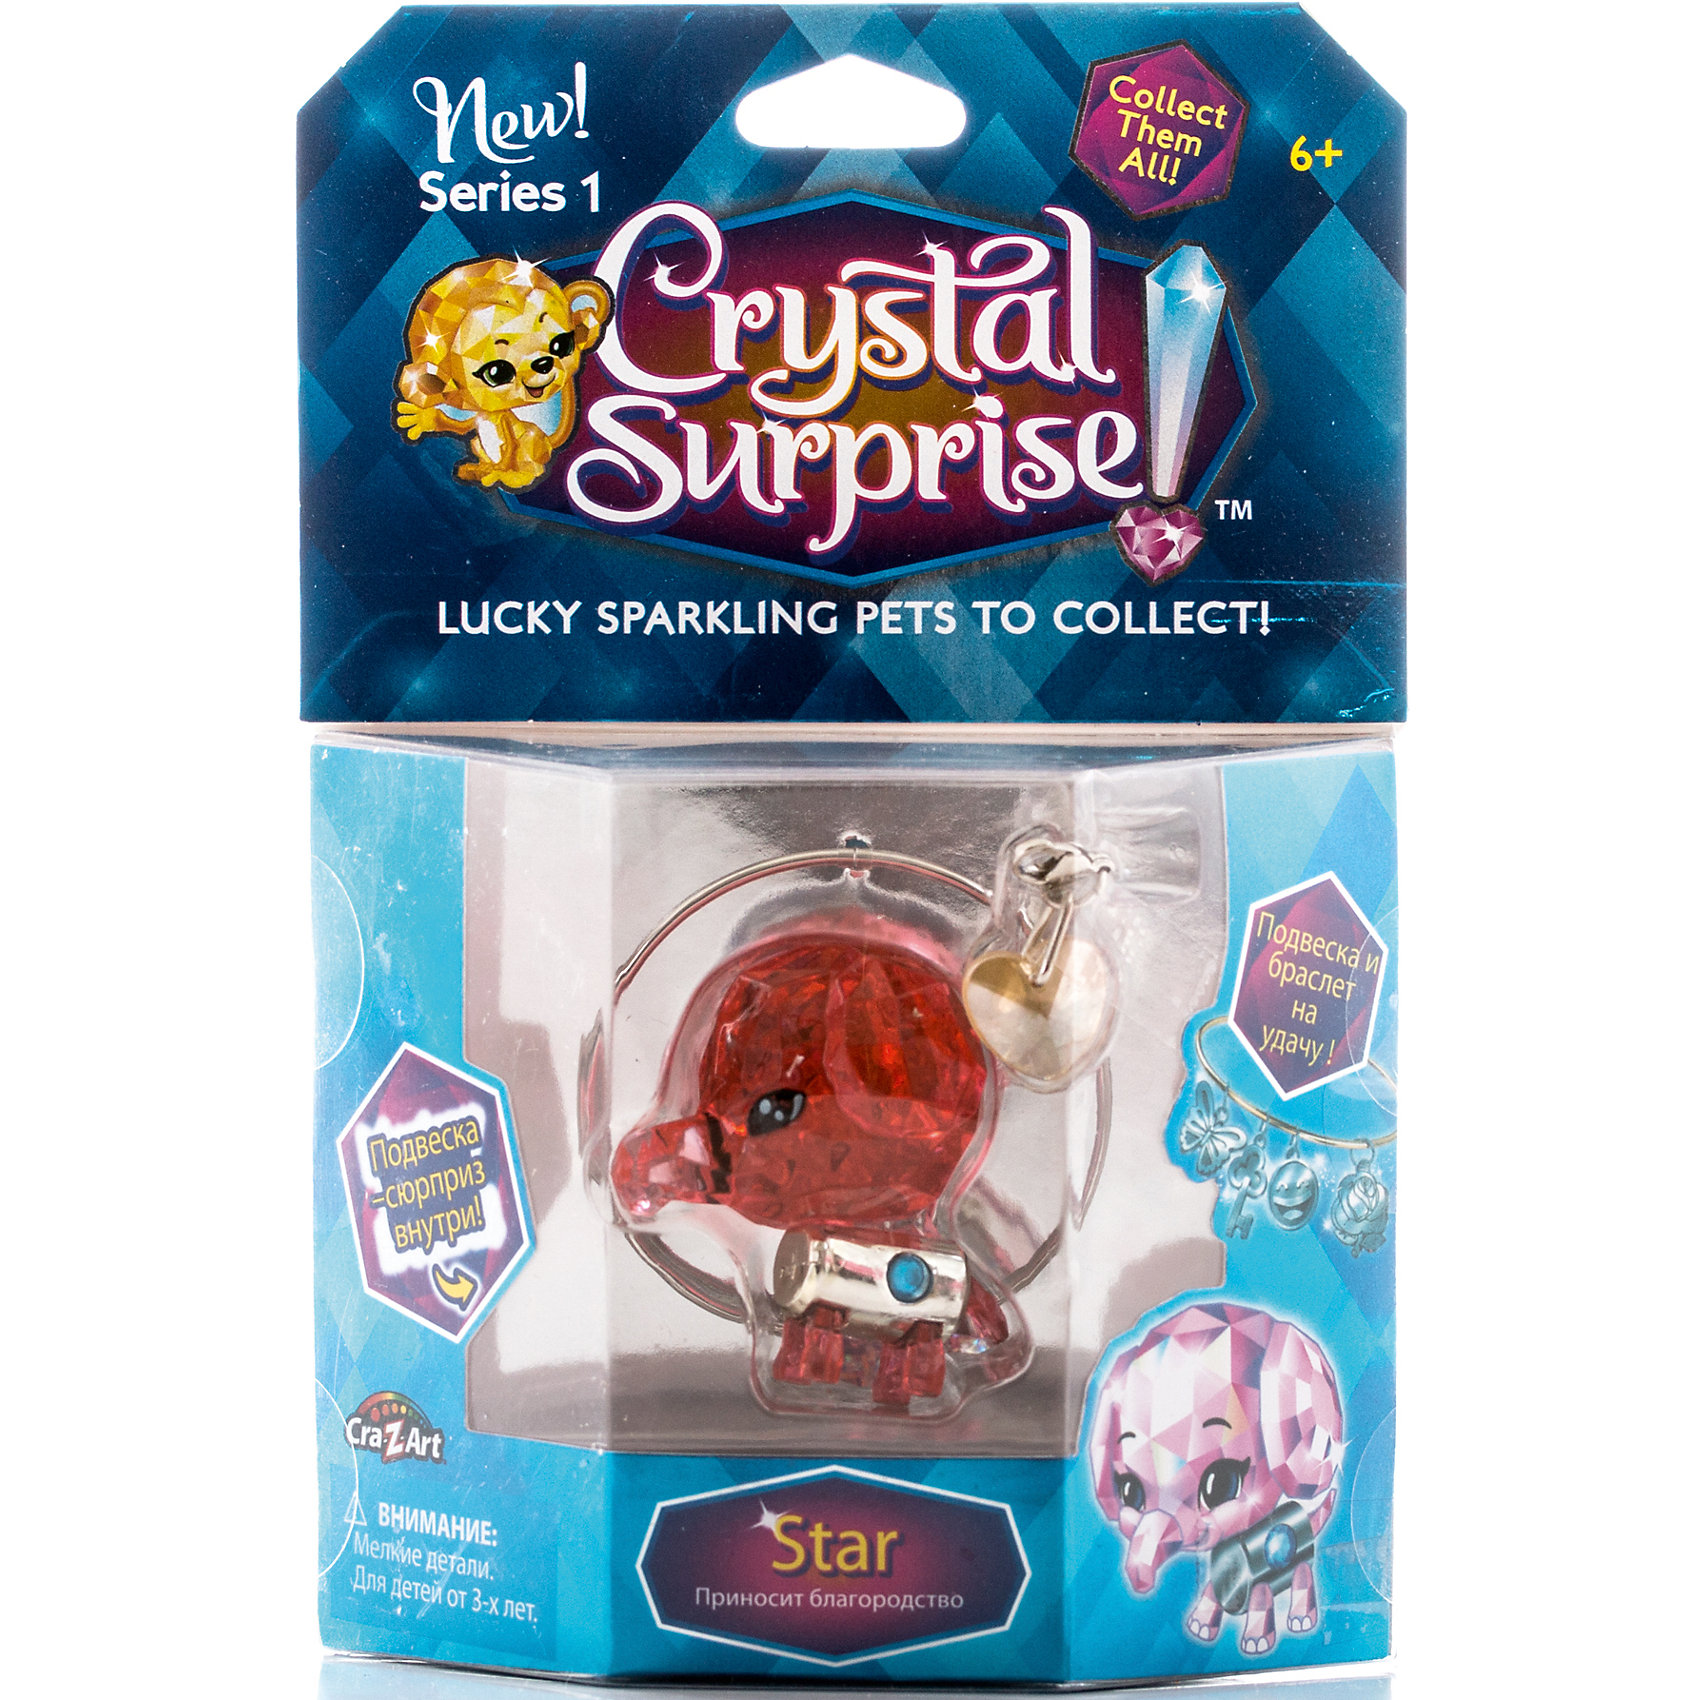 Фигурка Слоник+браслет и подвески, Crystal SurpriseПопулярные игрушки<br>Фигурки Crystal Surprise - искрящийся на солнце талисман. Эти волшебные зверьки будто сияют магией! Кристальные фигурки выполнены из высококачественного прозрачного пластика. У каждого зверька свой цвет и своя, особенная, история. Слоник Стар (Star) - кристальная фигурка и одновременно талисман. Стар - символ благородства. Он честный, добрый и всегда старается поступать правильно. Волшебная сила слоненка - помочь обладателю талисмана стать таким же благородным и храбрым, как и он сам. Фигурка сделана из прозрачного материала с красным оттенком, ярко сияет и переливается на солнышке. Тело слоненка - металлический цилиндр с круглым кристаллом посередине. В комплект, также, входит буклет коллекционера и украшения для девочек - браслет, подвеска в виде сердечка и подвеска-сюрприз. Их можно повесить на рюкзак, использовать как брелок или украсить свой браслет.<br><br>Ширина мм: 130<br>Глубина мм: 195<br>Высота мм: 45<br>Вес г: 87<br>Возраст от месяцев: 36<br>Возраст до месяцев: 192<br>Пол: Женский<br>Возраст: Детский<br>SKU: 4663712